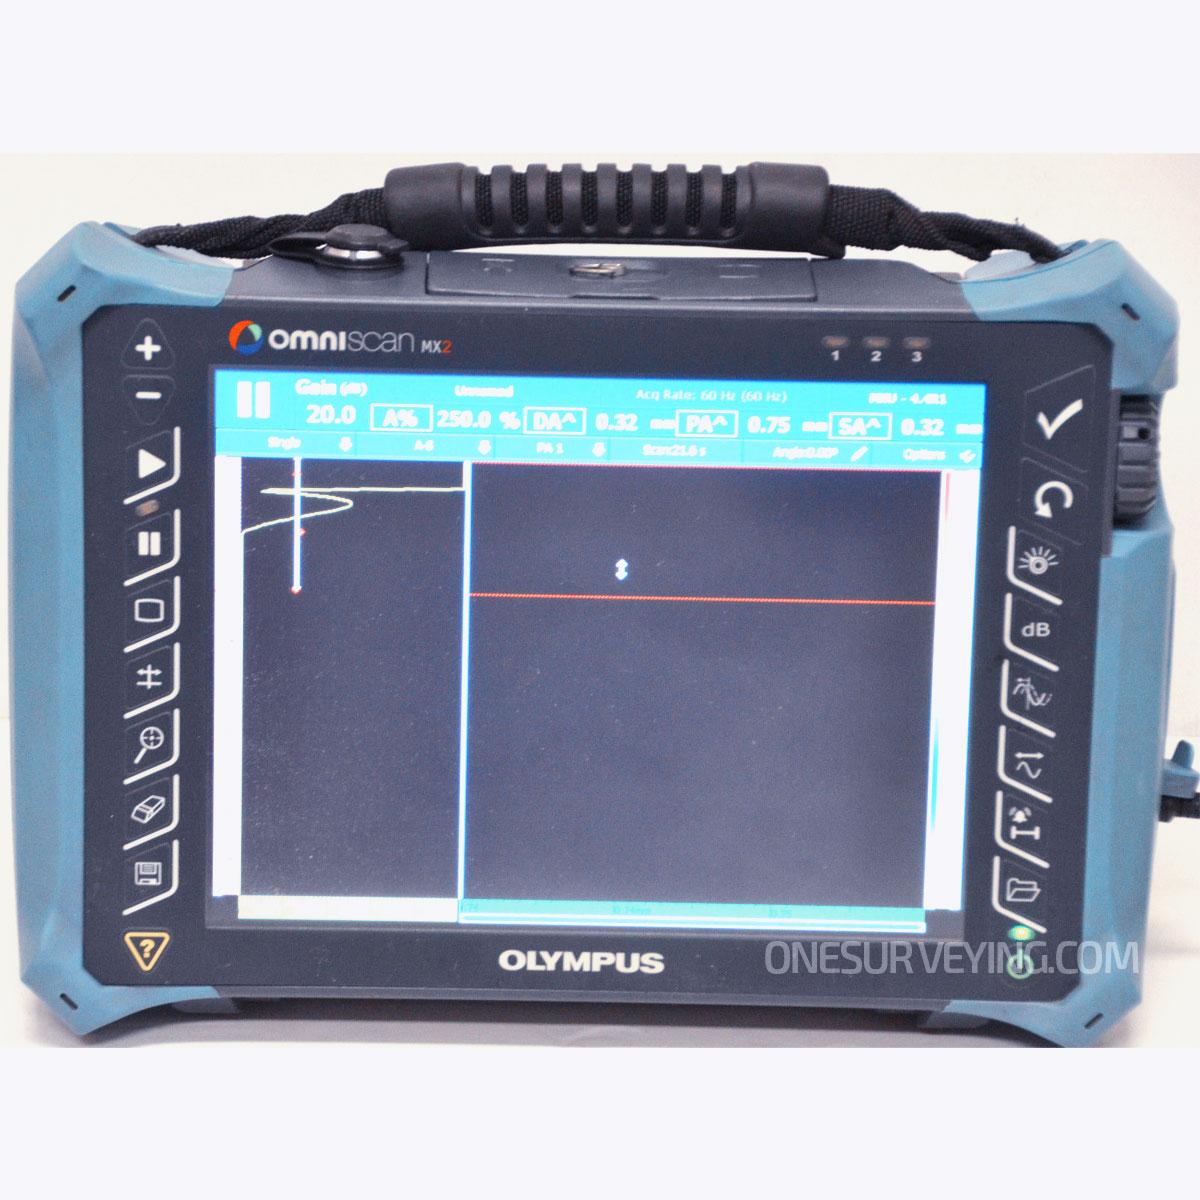 Olympus-OmniScan-MX2-16-128.jpg